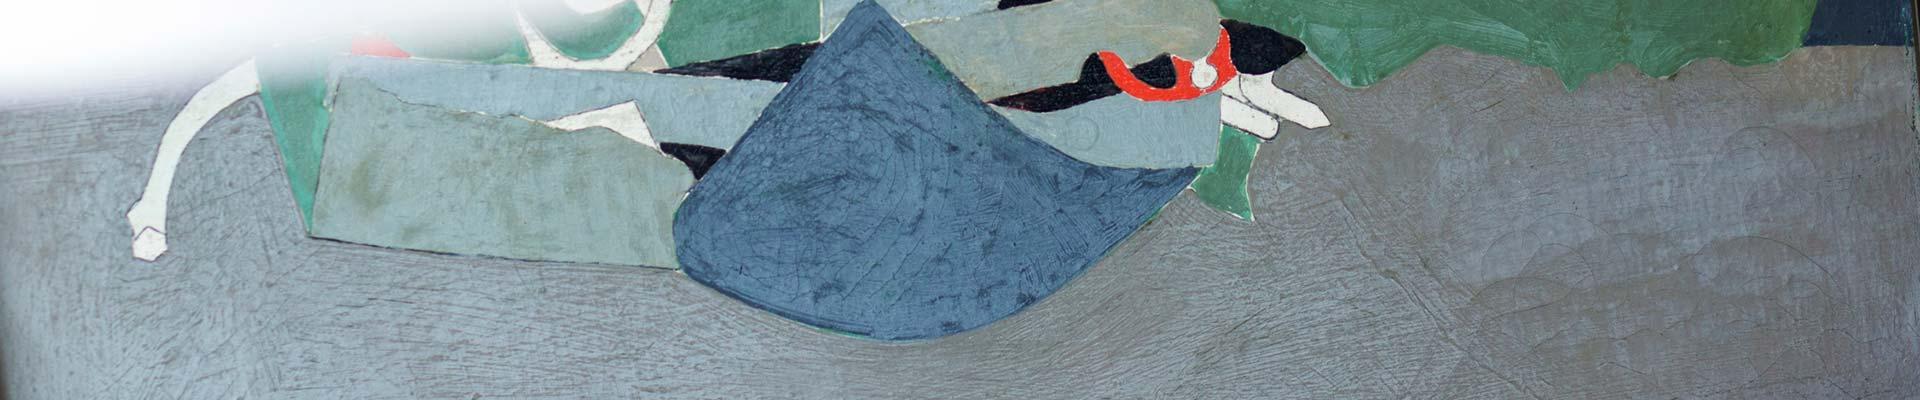 Manfred Obermeier Cover